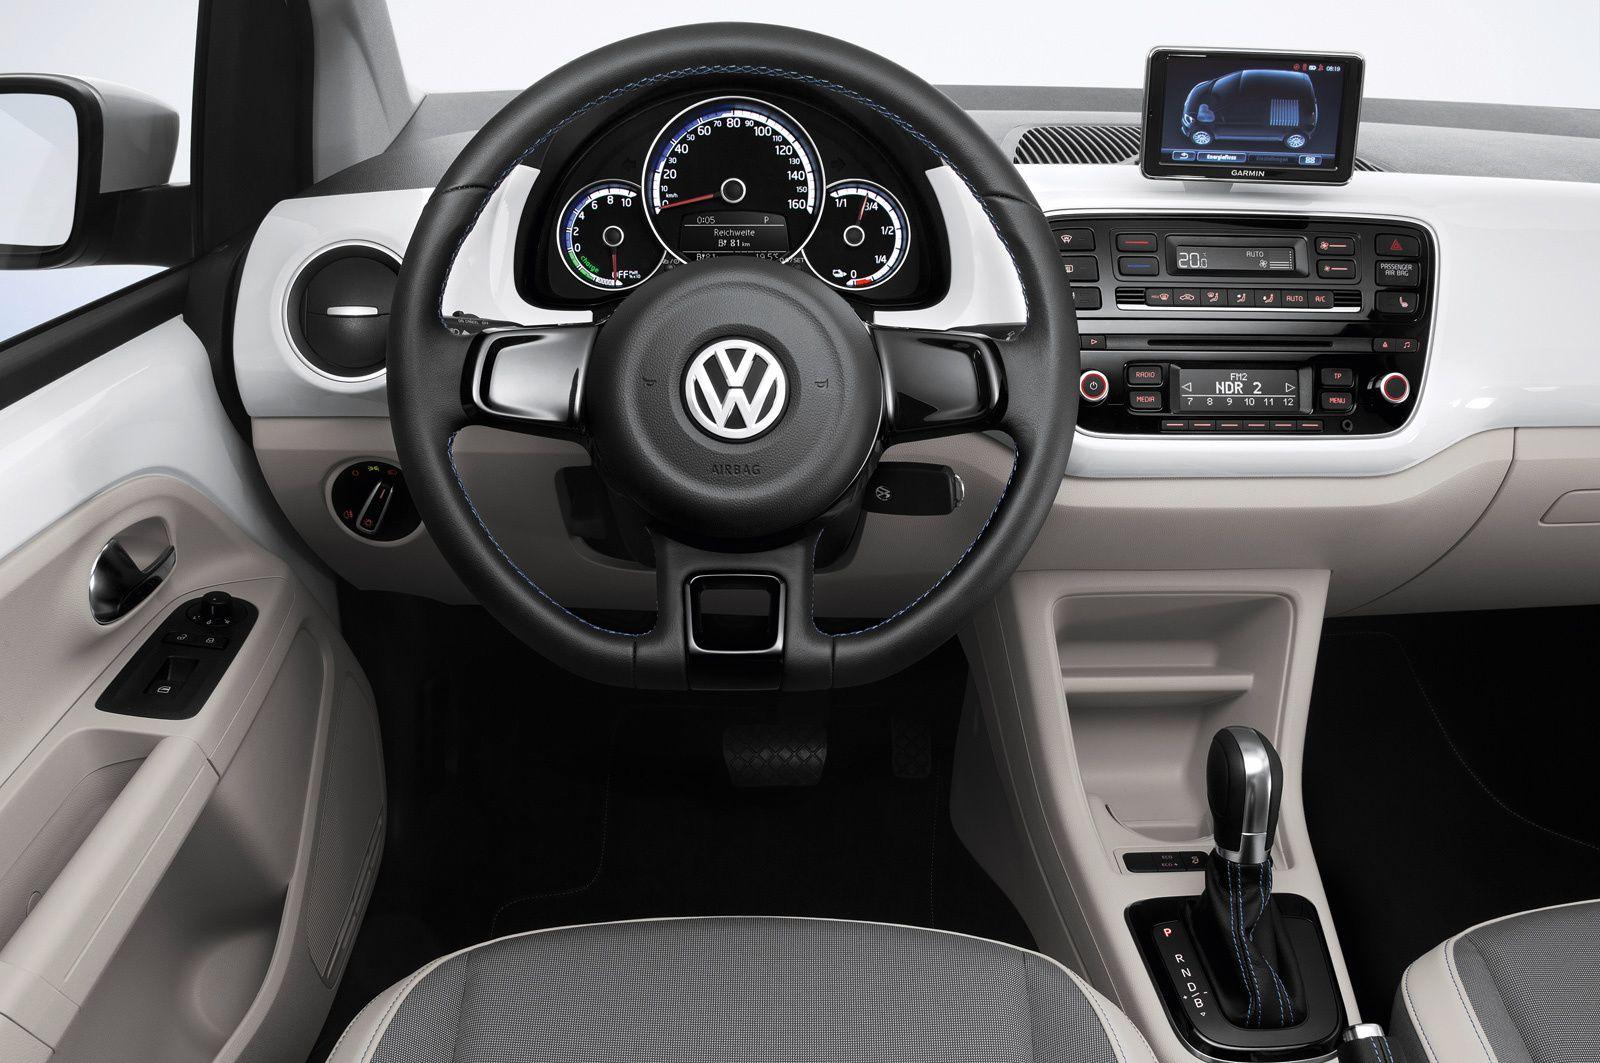 Volkswagen e up 2013